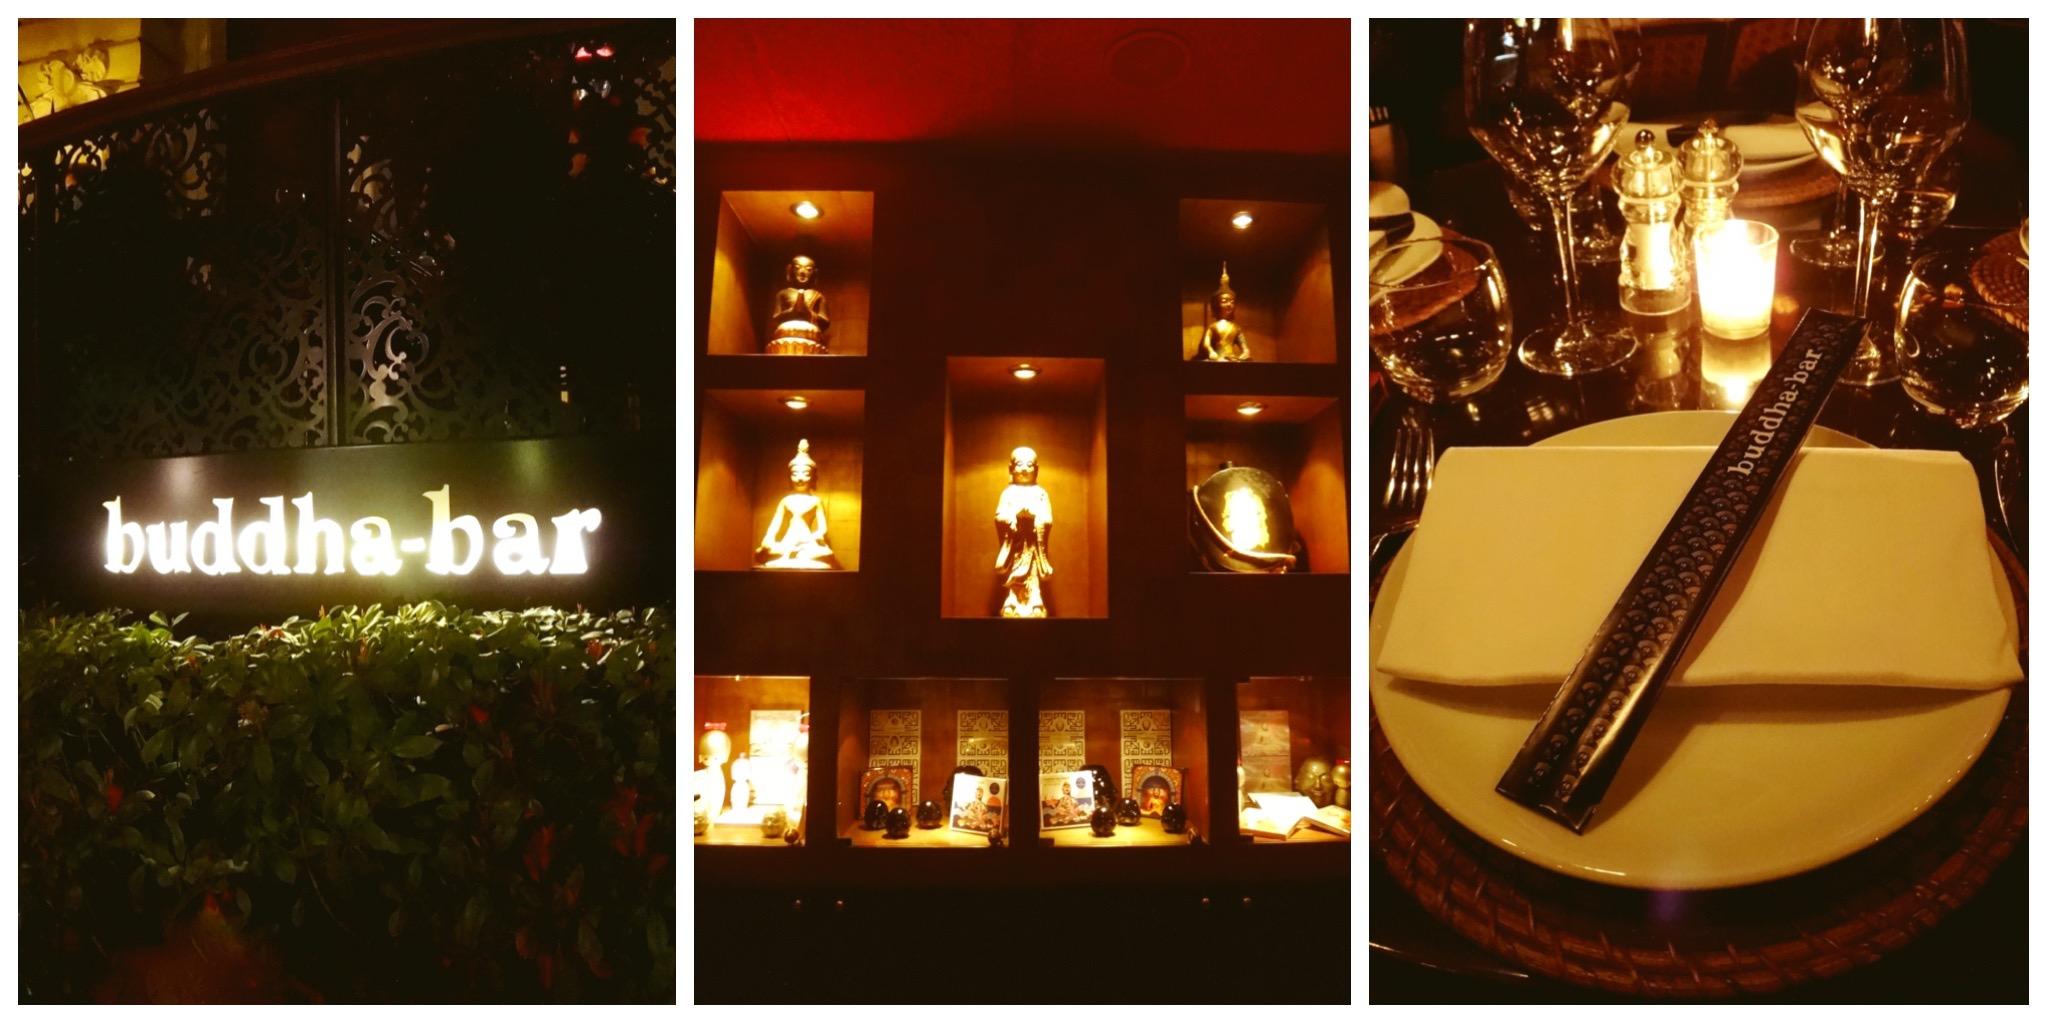 Détails du Buddha-Bar Monte-Carlo